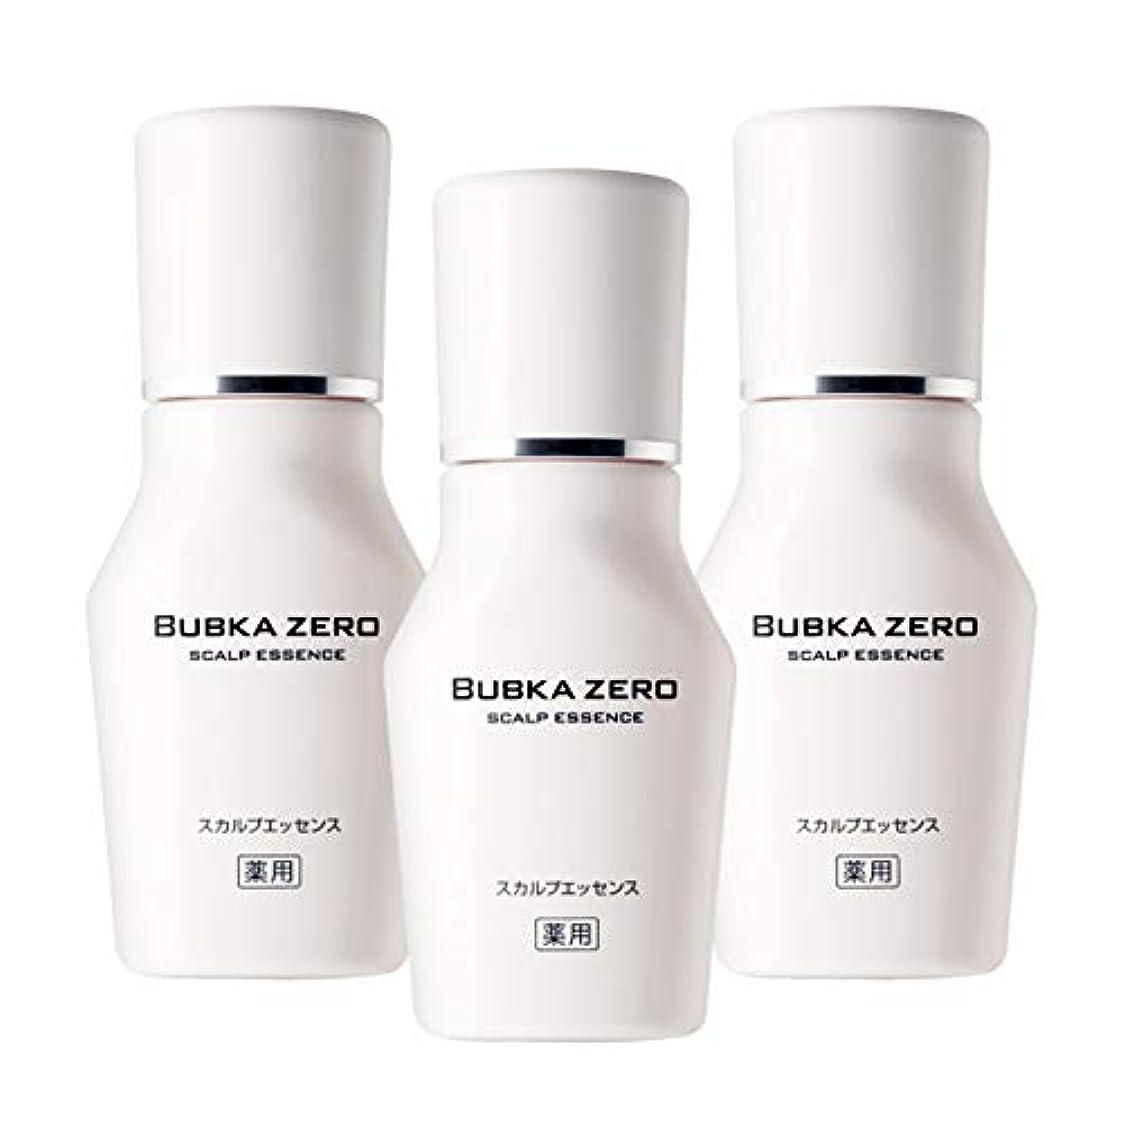 ブロー肥満議会【医薬部外品】BUBKA(ブブカ)薬用 スカルプエッセンス 育毛剤 BUBKA ZERO (ブブカ ゼロ)3本セット